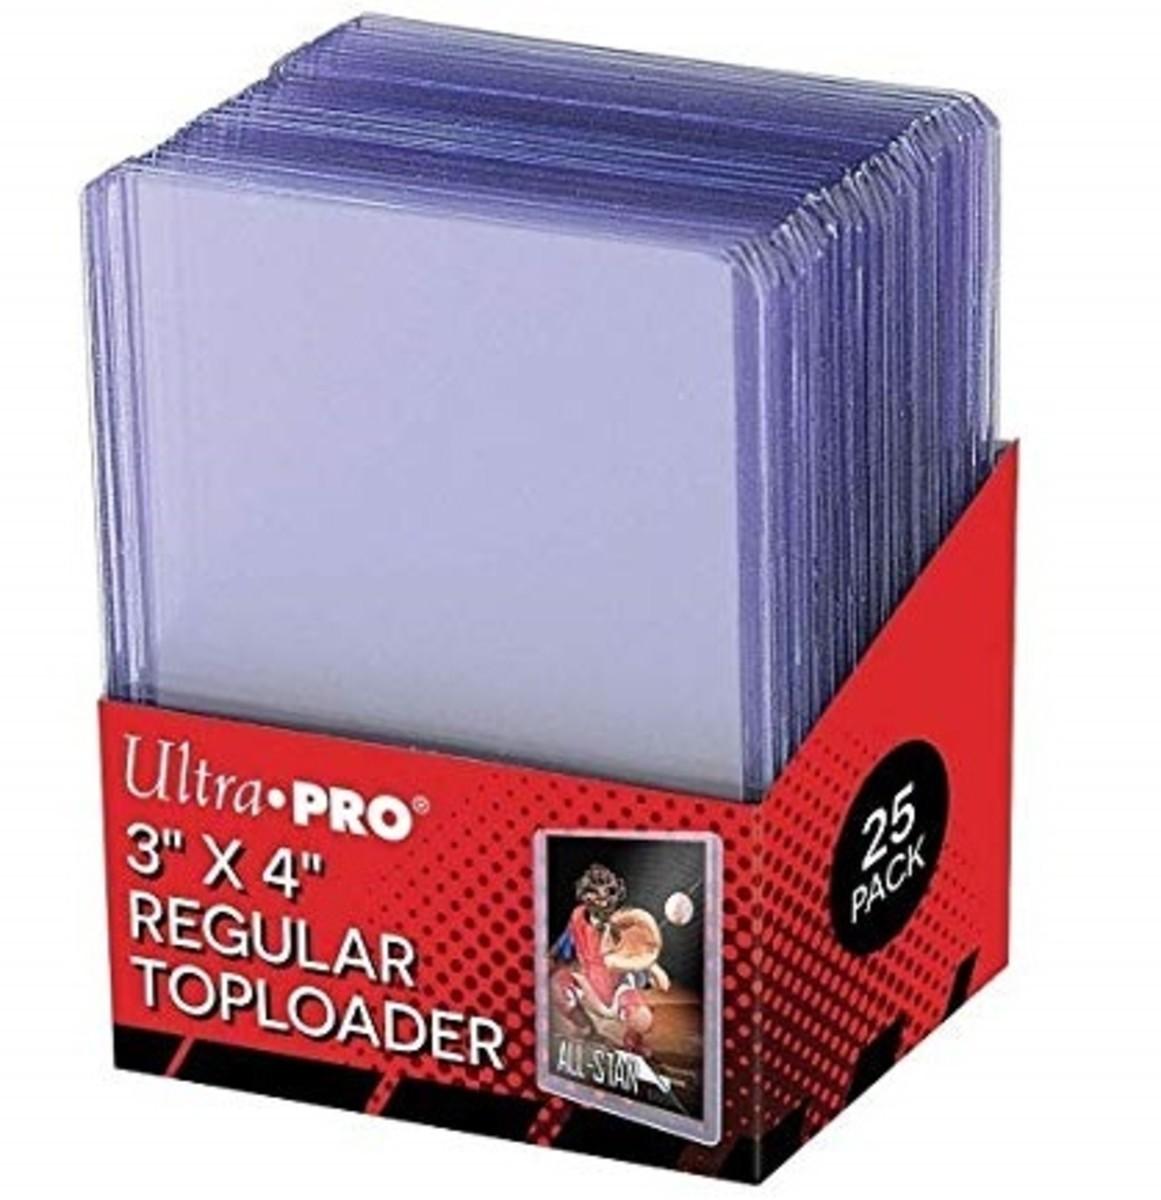 Top-loader card sleeves